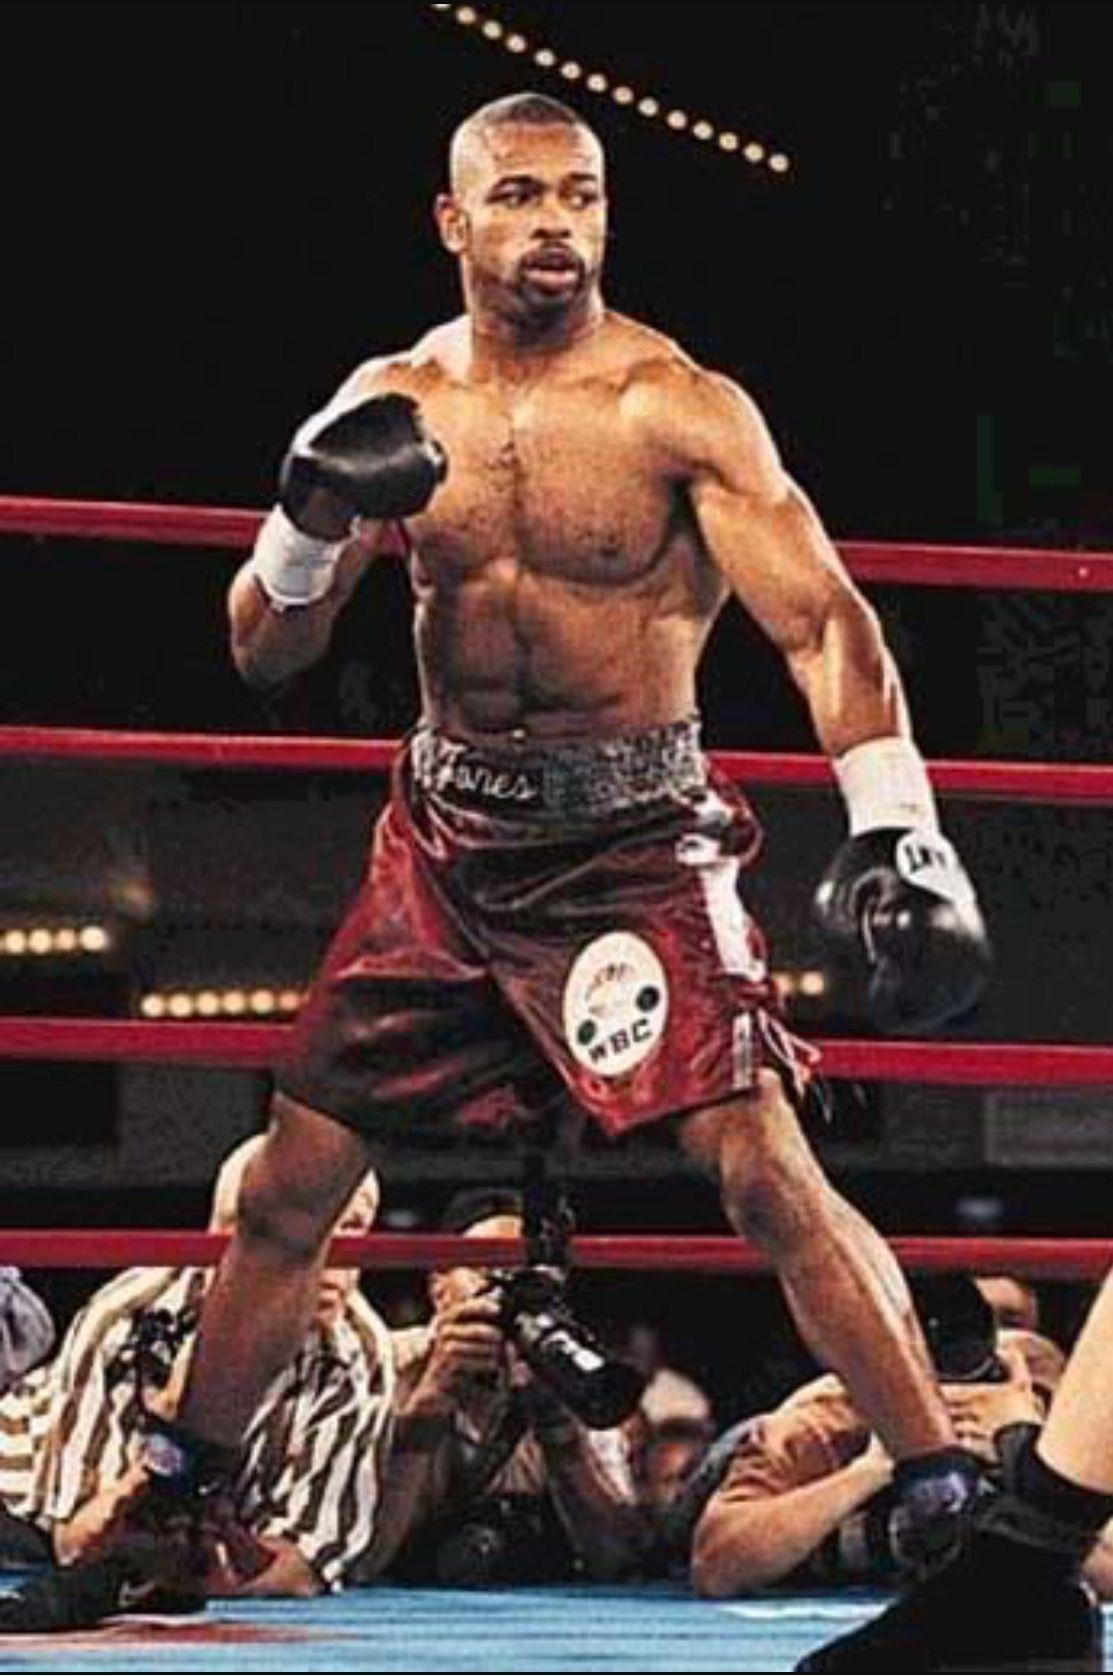 Pin de Calvin Watlington en Boxers | Pinterest | Boxeo, El boxeo y ...